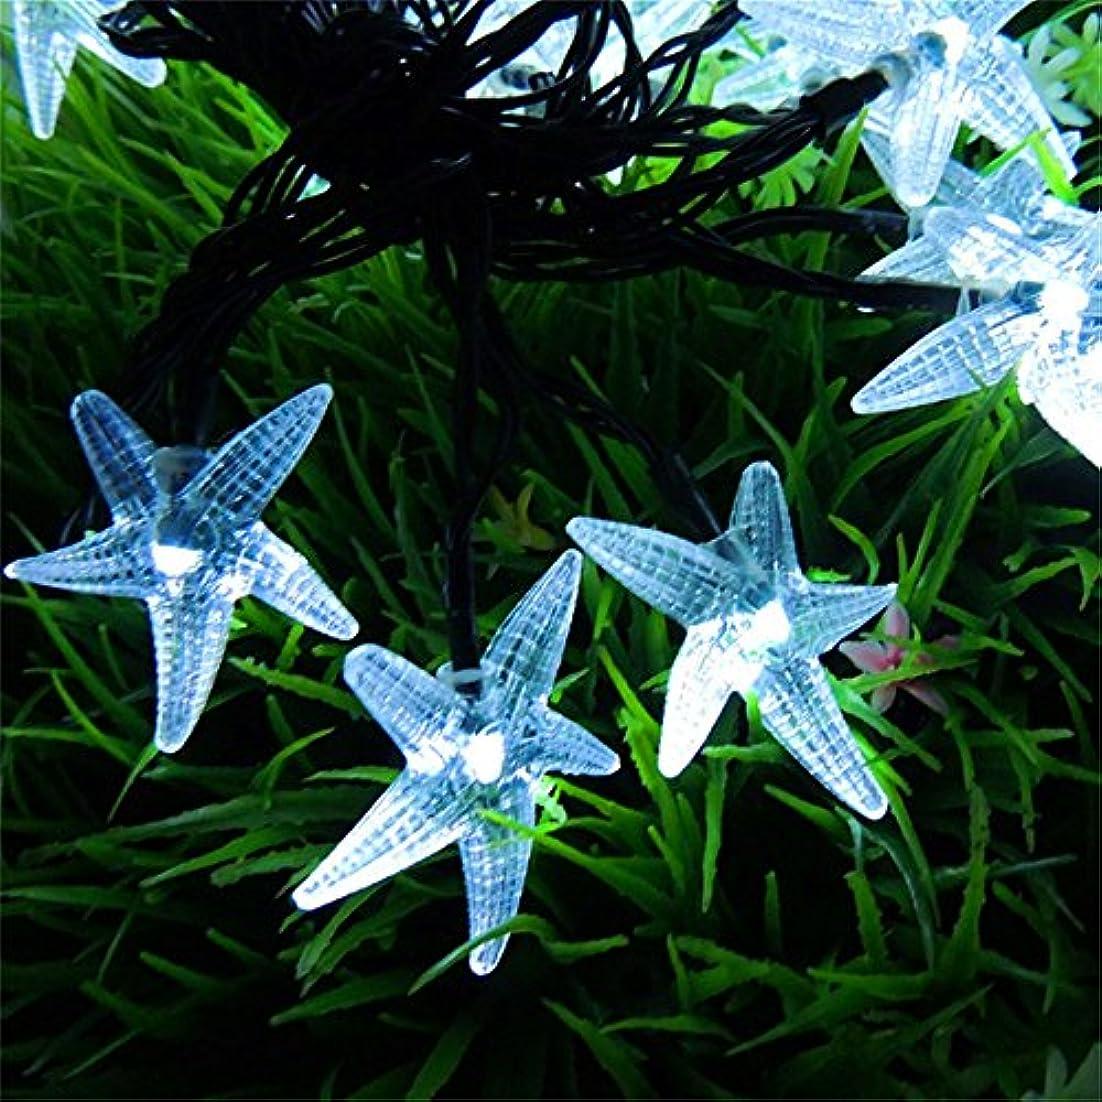 衝撃兄弟愛混乱したソーラーストリングライト、SIMPLE DO LEDライト イルミネーション クリスマス パーティー 防水 省エネ 環境に優しい 使いやすい カラフル(ホワイト)